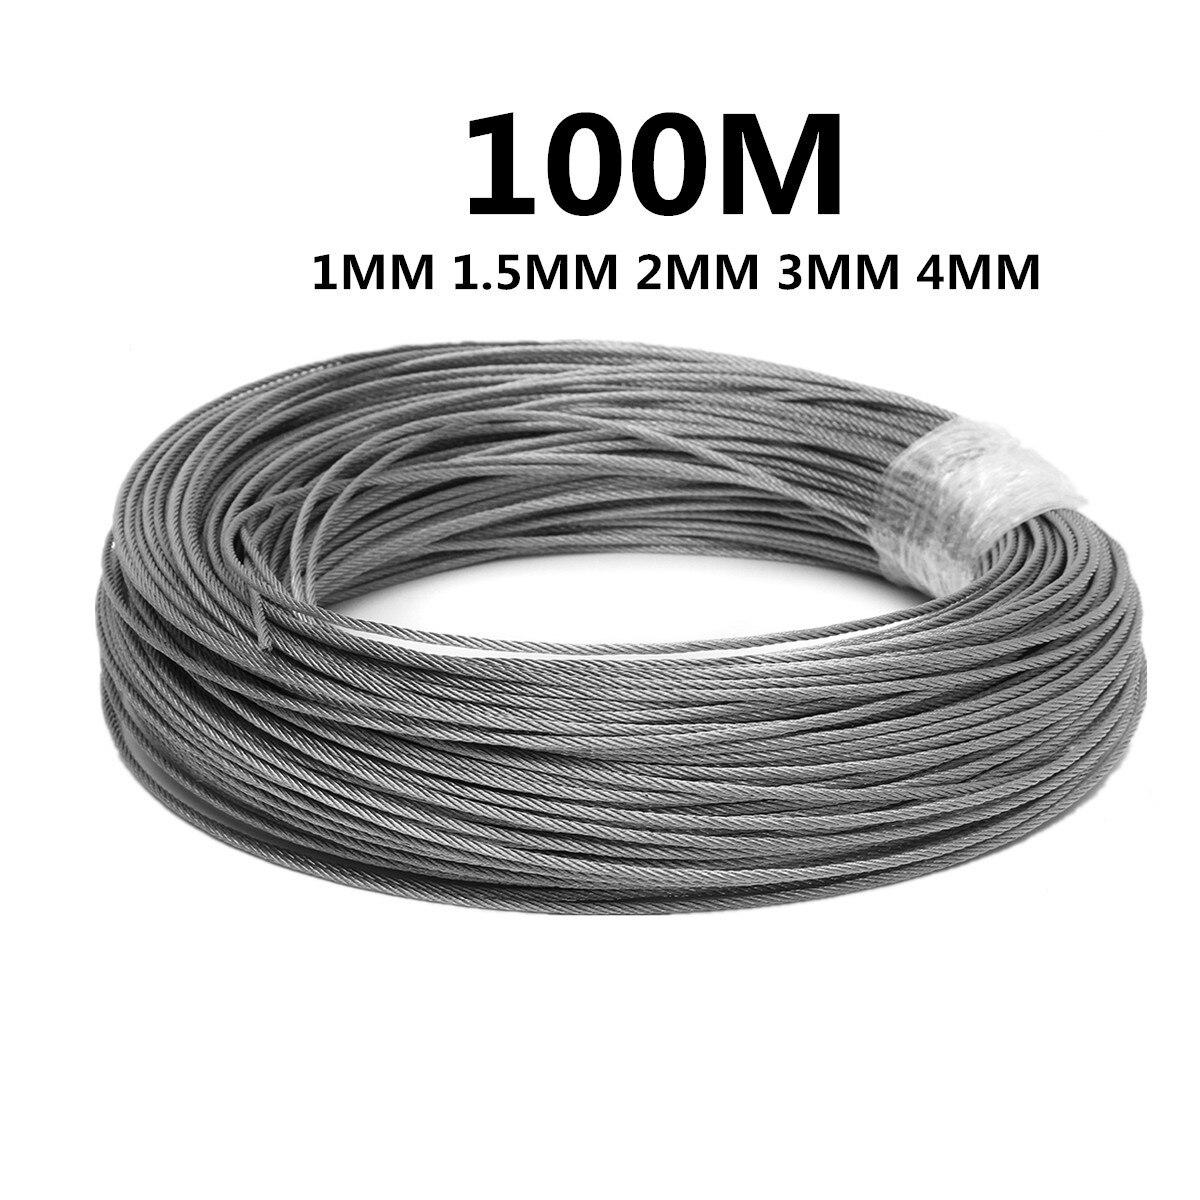 100M 50M304 ze stali nierdzewnej 1mm 1.5mm 2mm średnica drutu stalowego gołe liny podnoszenia linia kablowa bielizny Rustproof 7X7